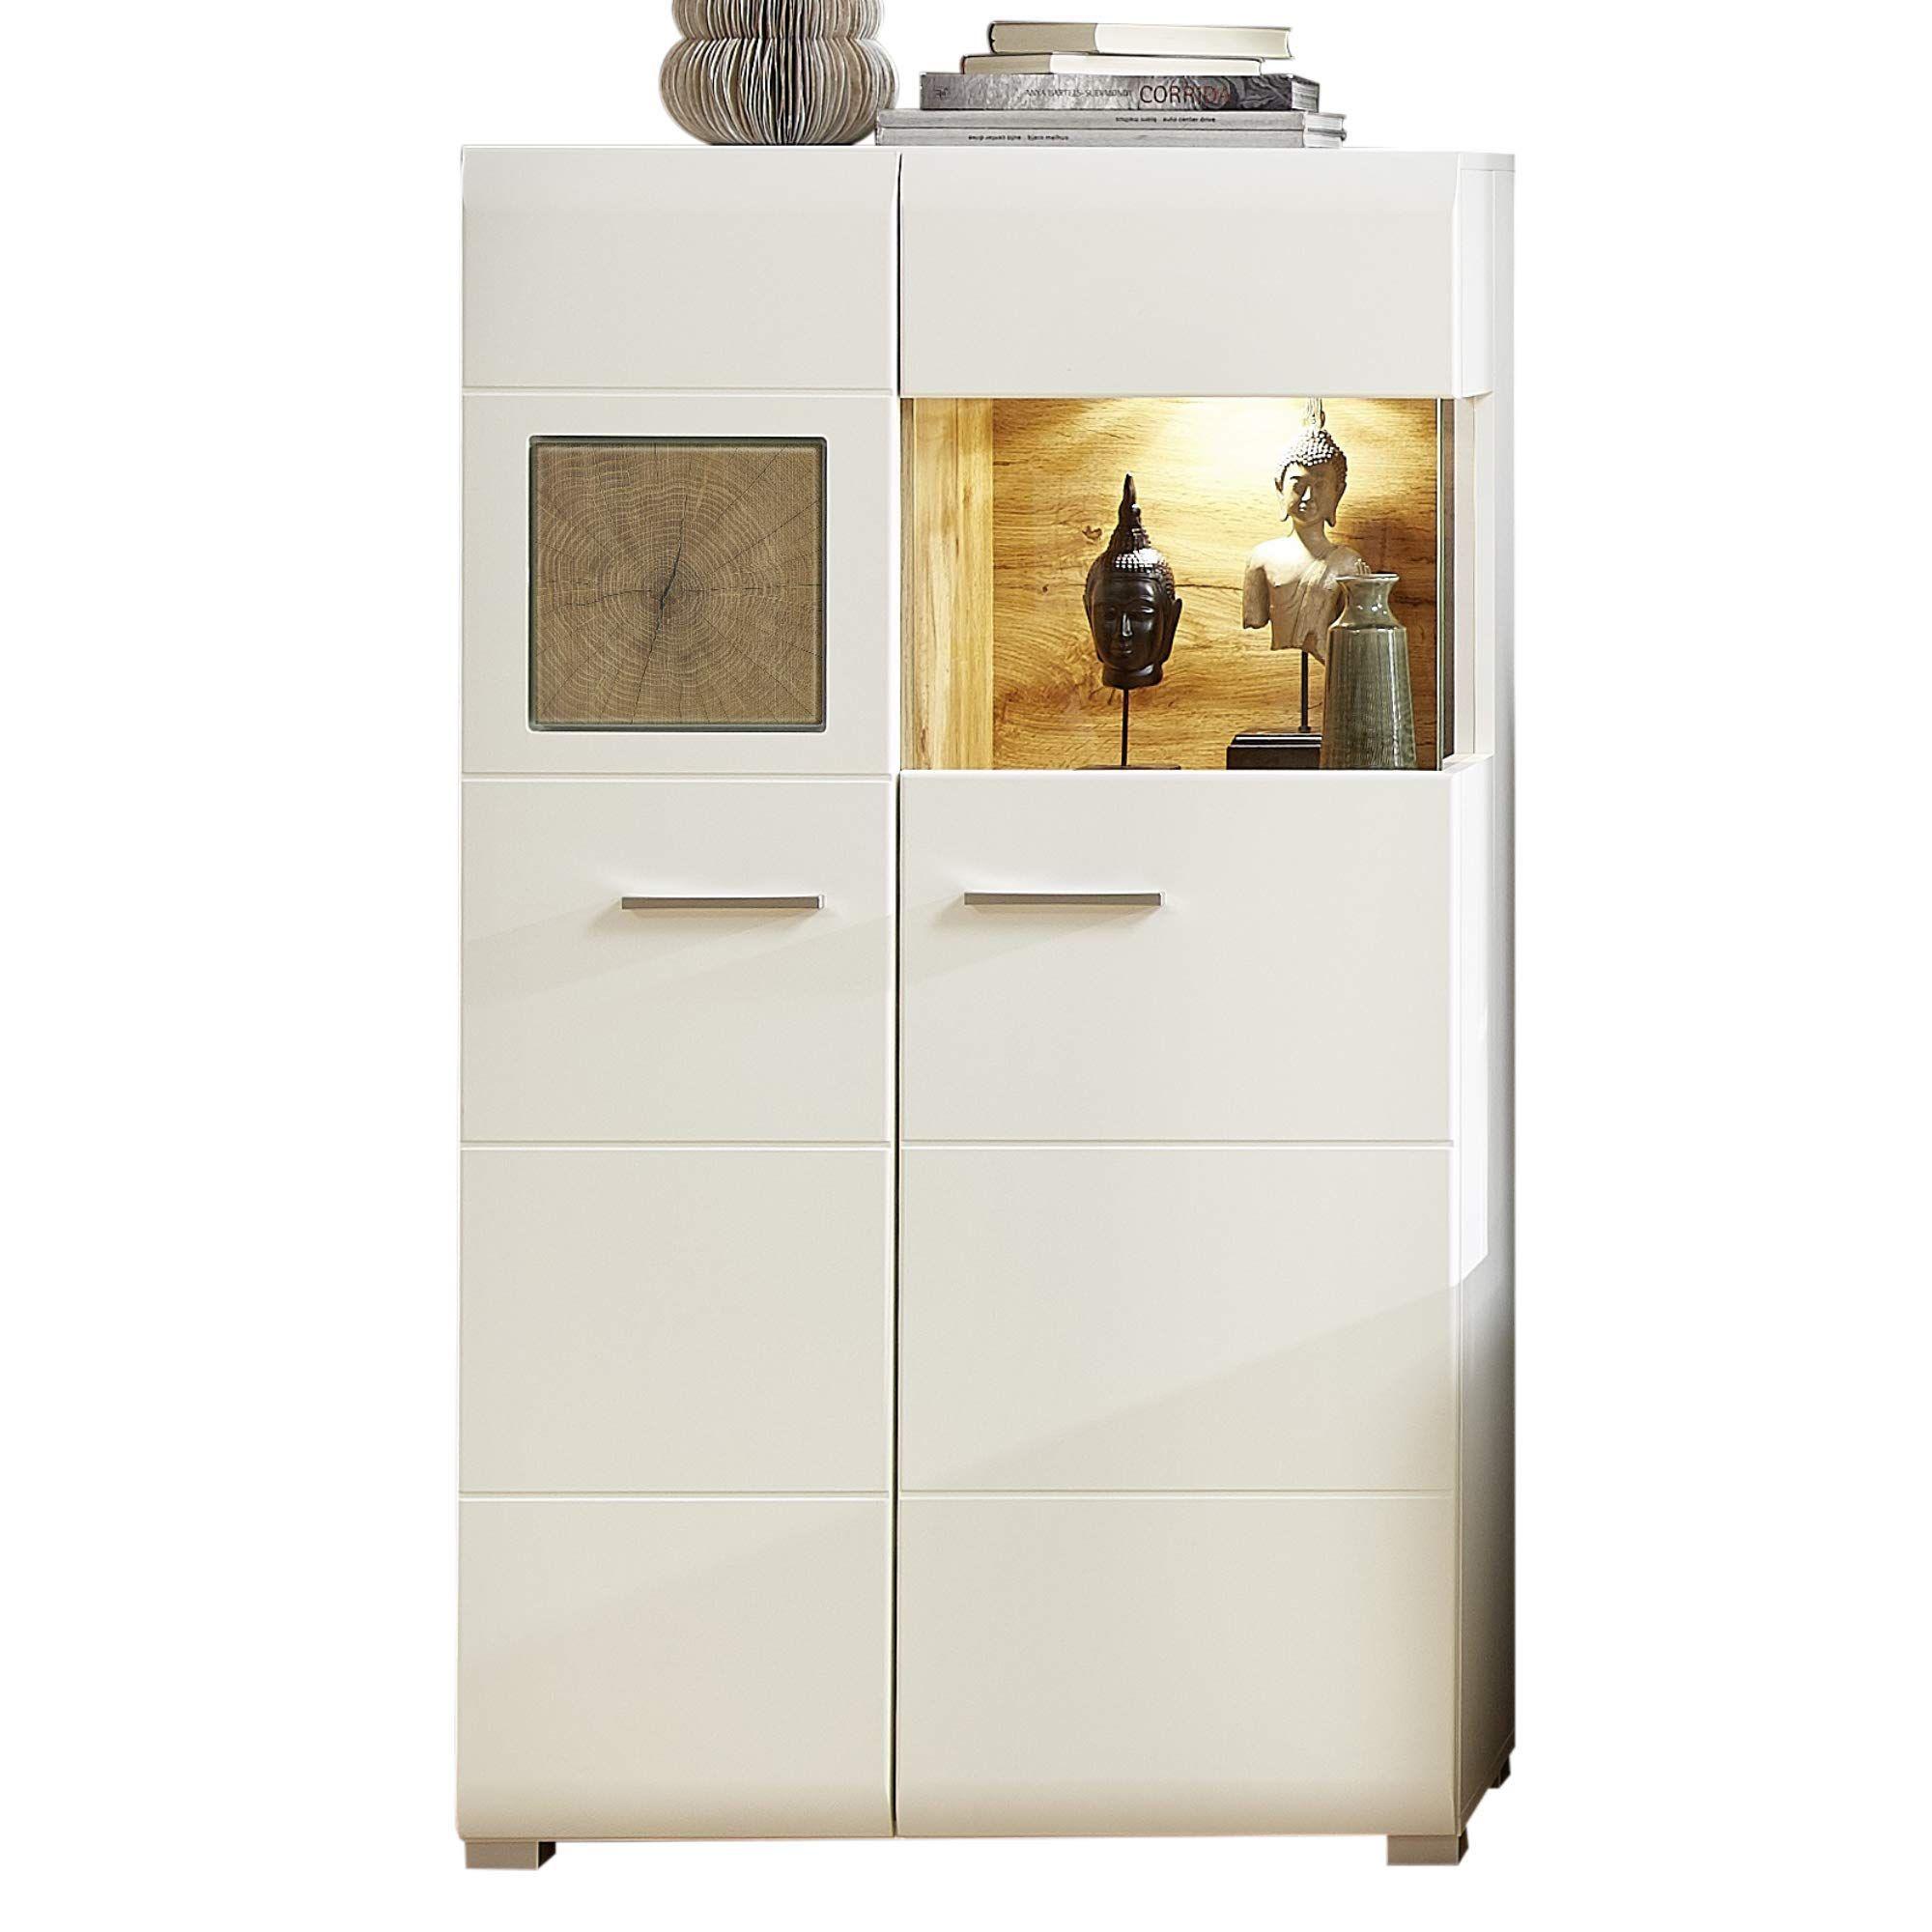 Fun Plus Kleine Vitrine Weiss Mit Sch Nen Hirnholz Applikationen Moderne Glasvitrine Inkl Led Beleuchtun In 2020 Tall Cabinet Storage Locker Storage Storage Cabinet